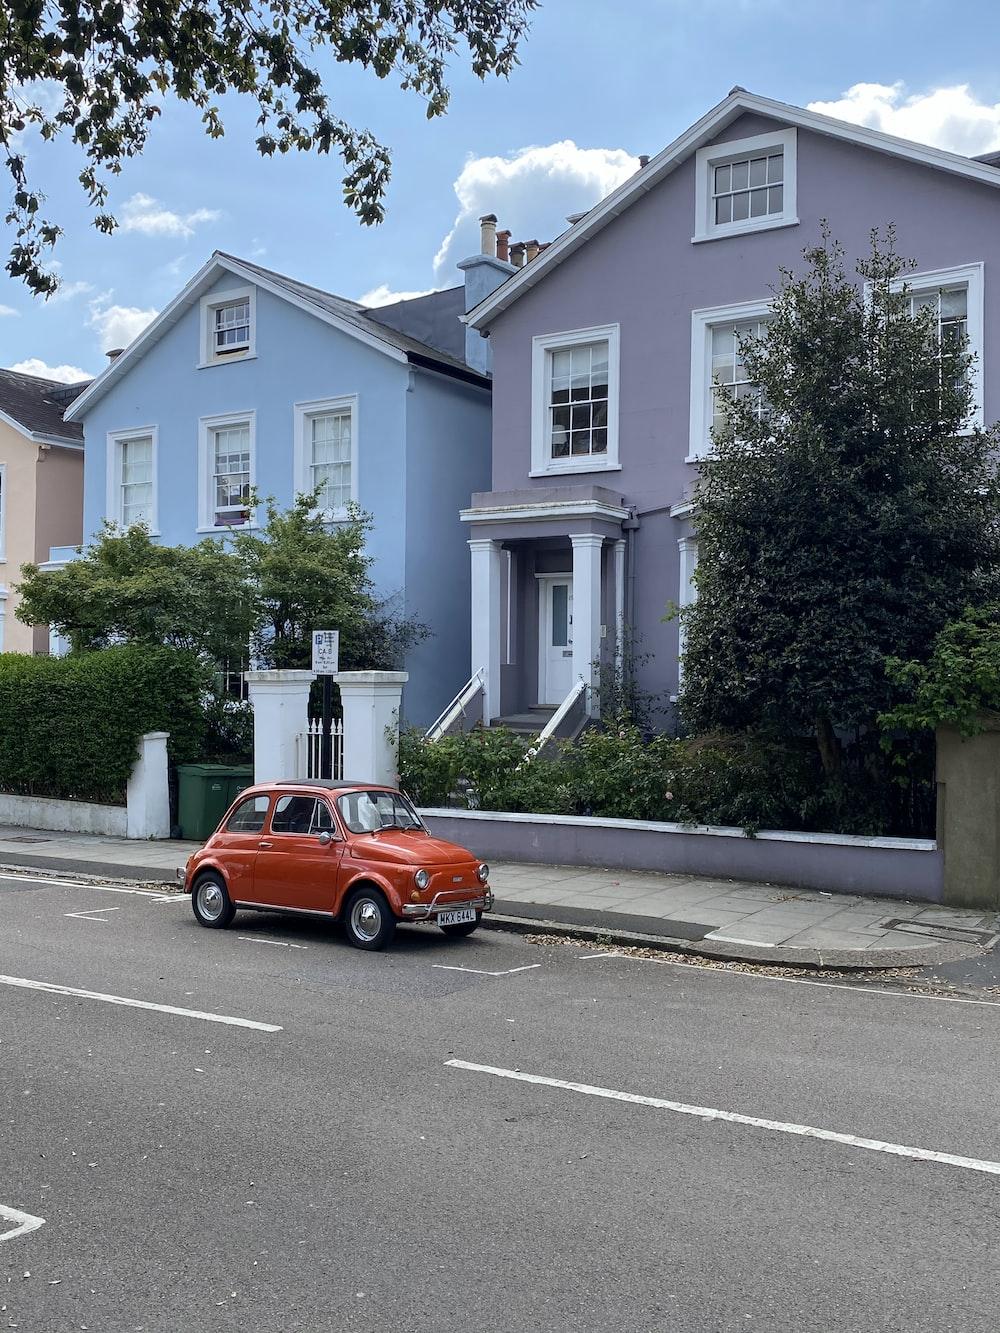 orange car parked near green tree during daytime